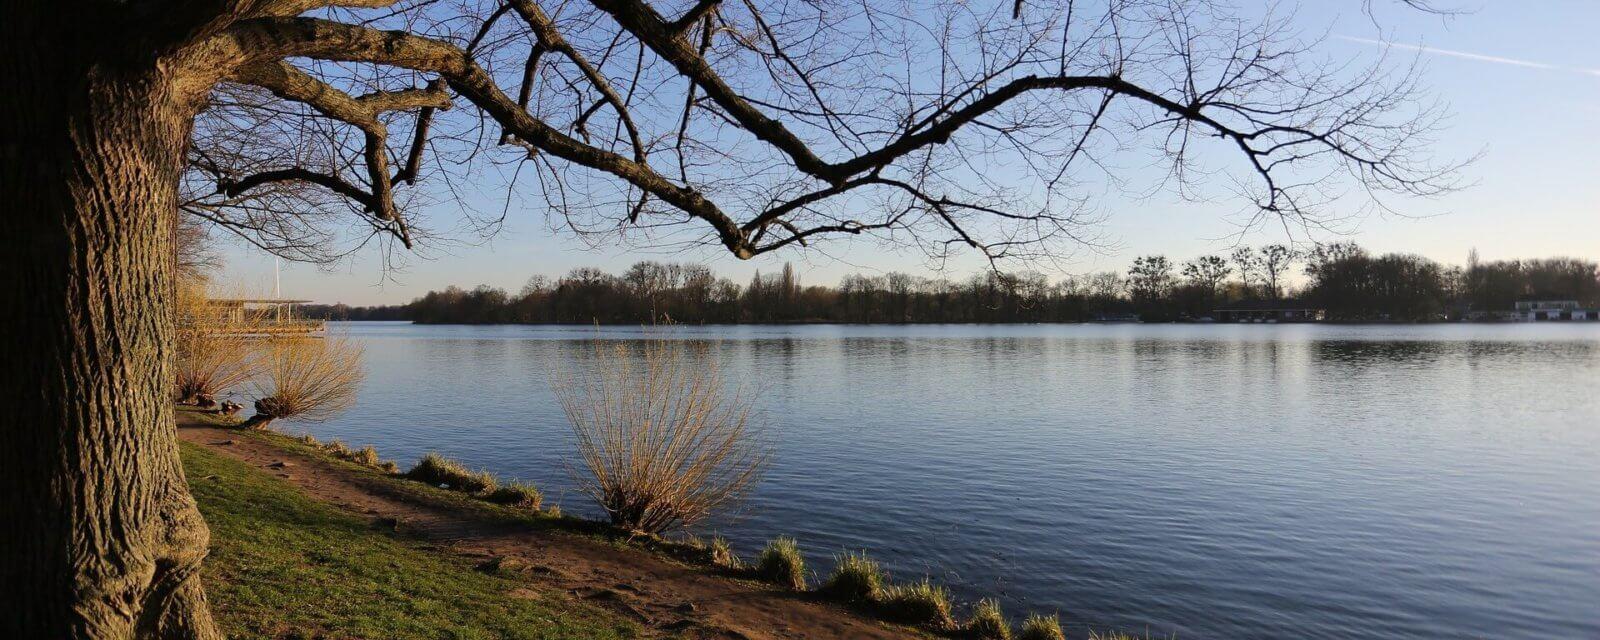 Maschsee in Hannover mit Wiesen zum Spiken